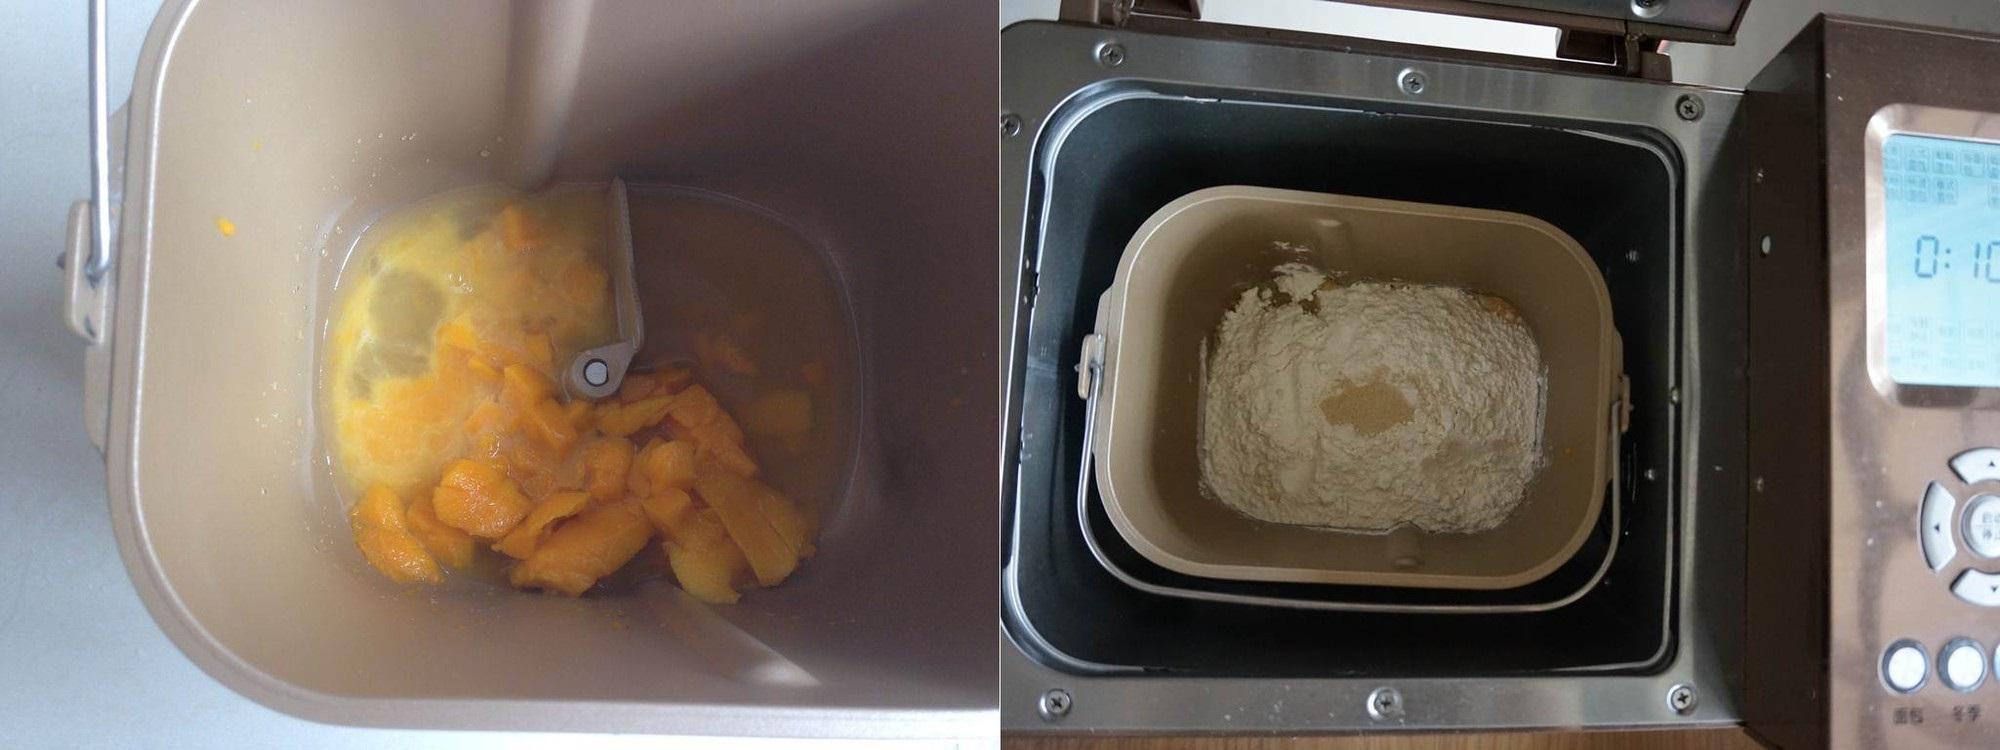 Thử ngay công thức làm bánh mì xoài mềm ngọt thơm lừng - Ảnh 1